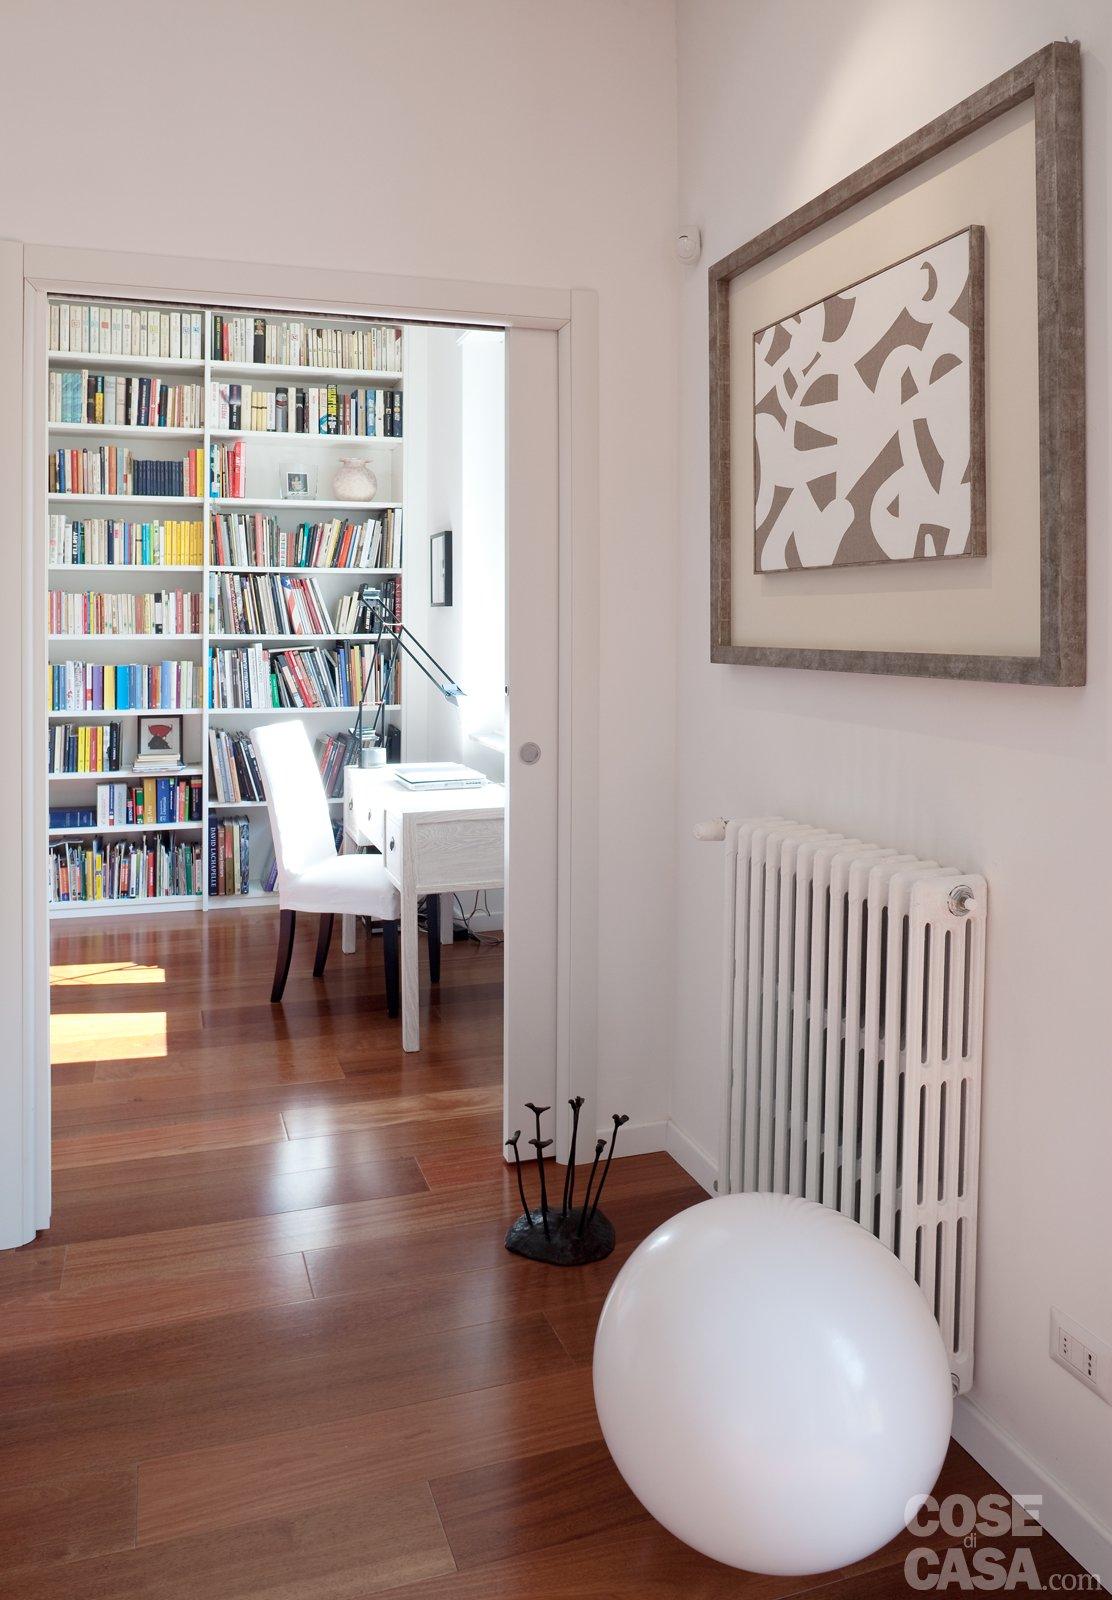 Percorsi Ridisegnati Per Una Casa Più Vivibile Cose Di Casa #3D221D 1112 1600 Arredare Sala Da Pranzo Stretta E Lunga